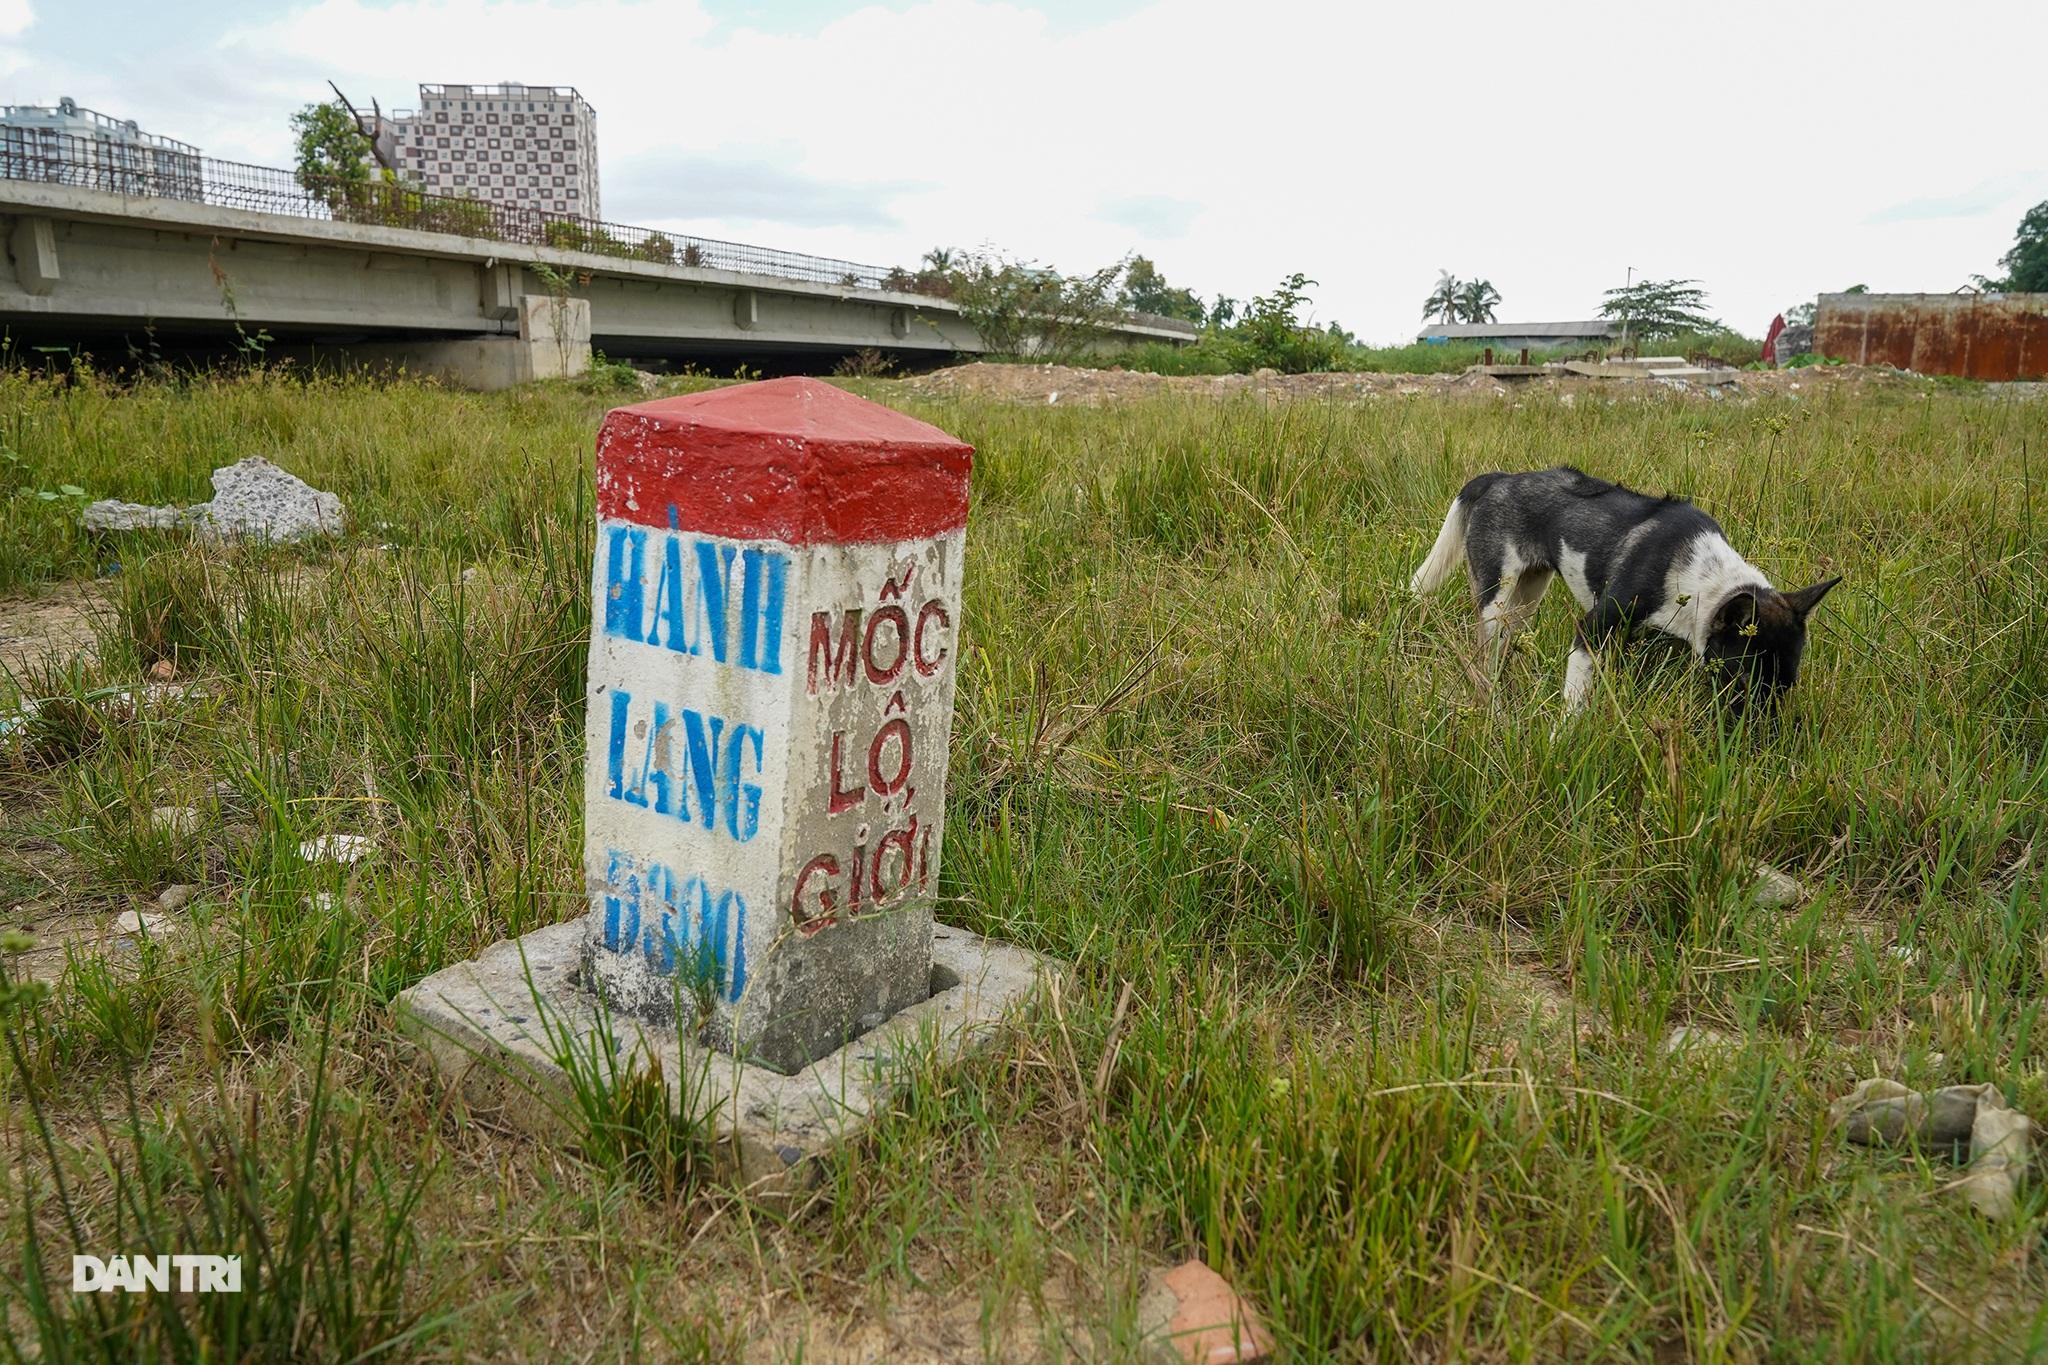 Vành đai 2 TPHCM: Sau 5 năm động thổ không xây xong 3km đường - 12